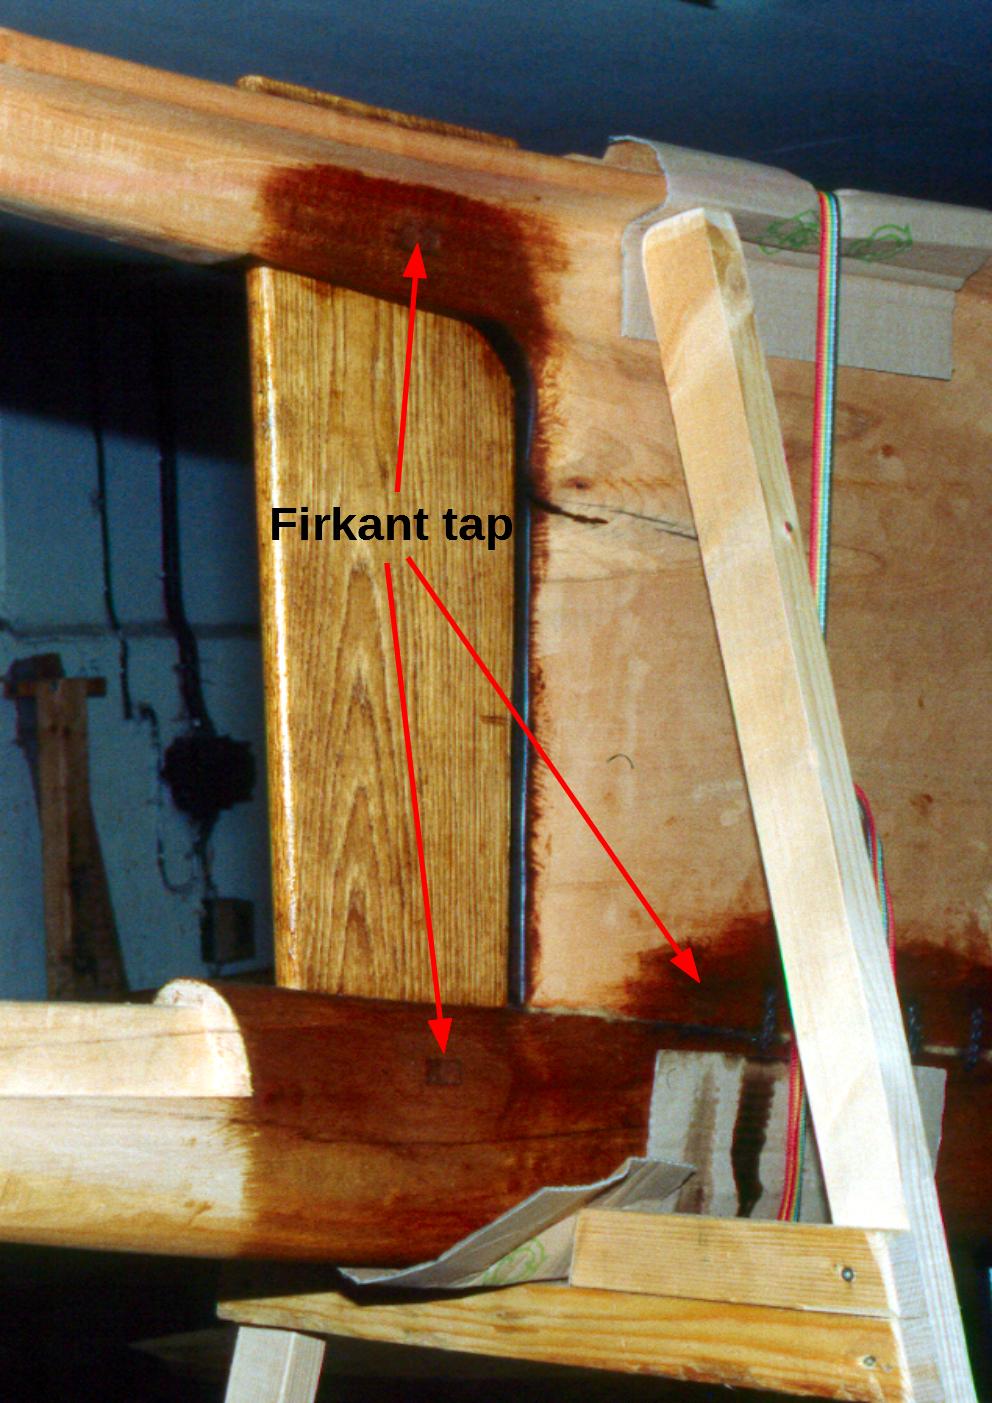 Låsetappe til sikring af stævn og bundplanke.